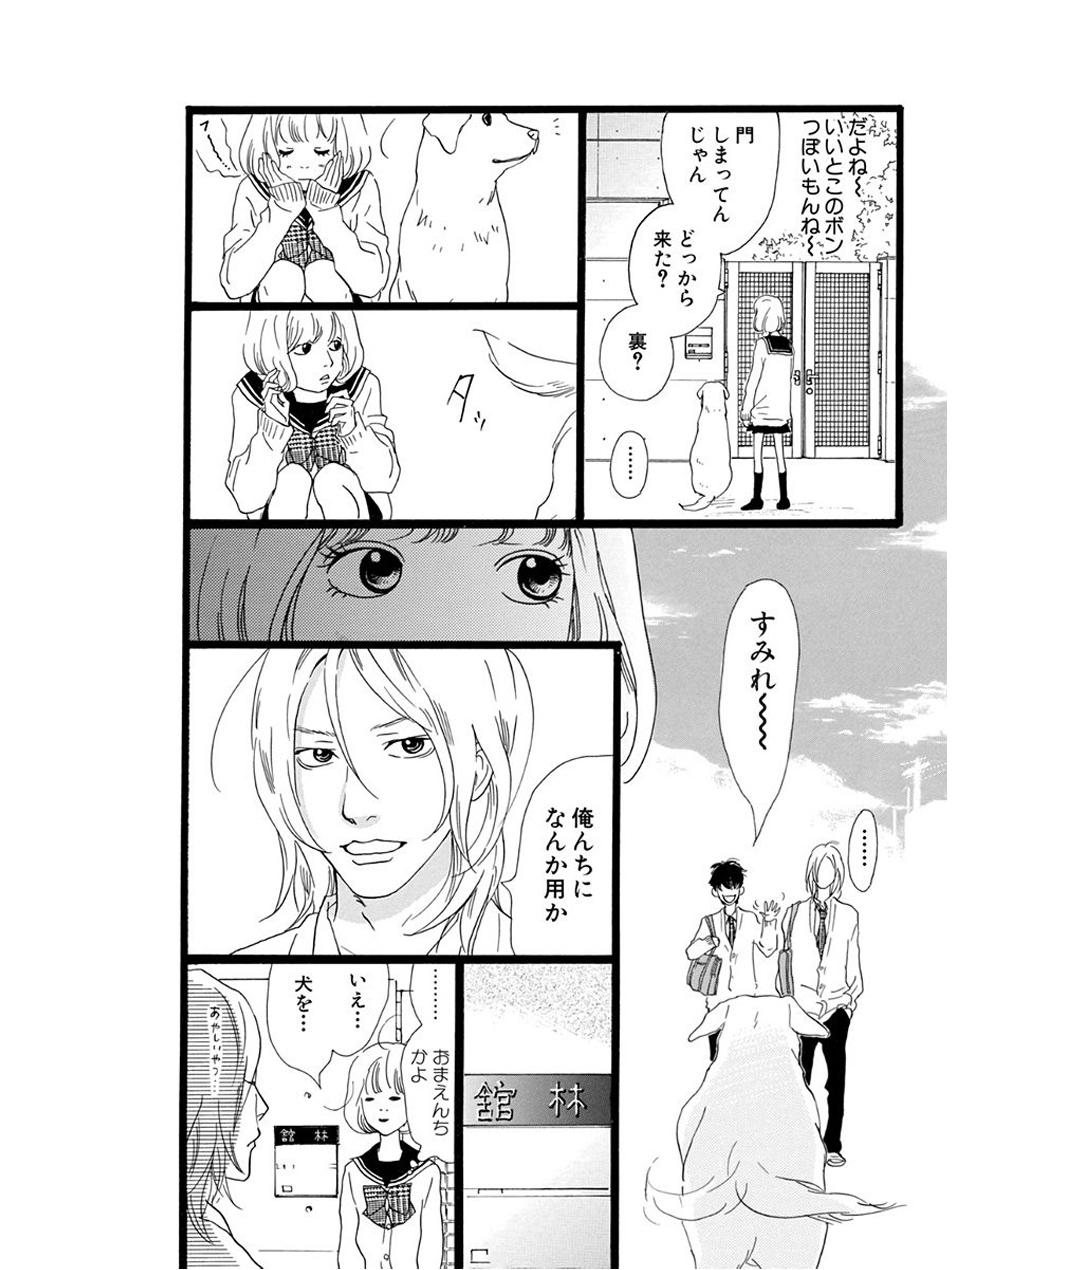 プリンシパル 第1話 試し読み_1_1-40